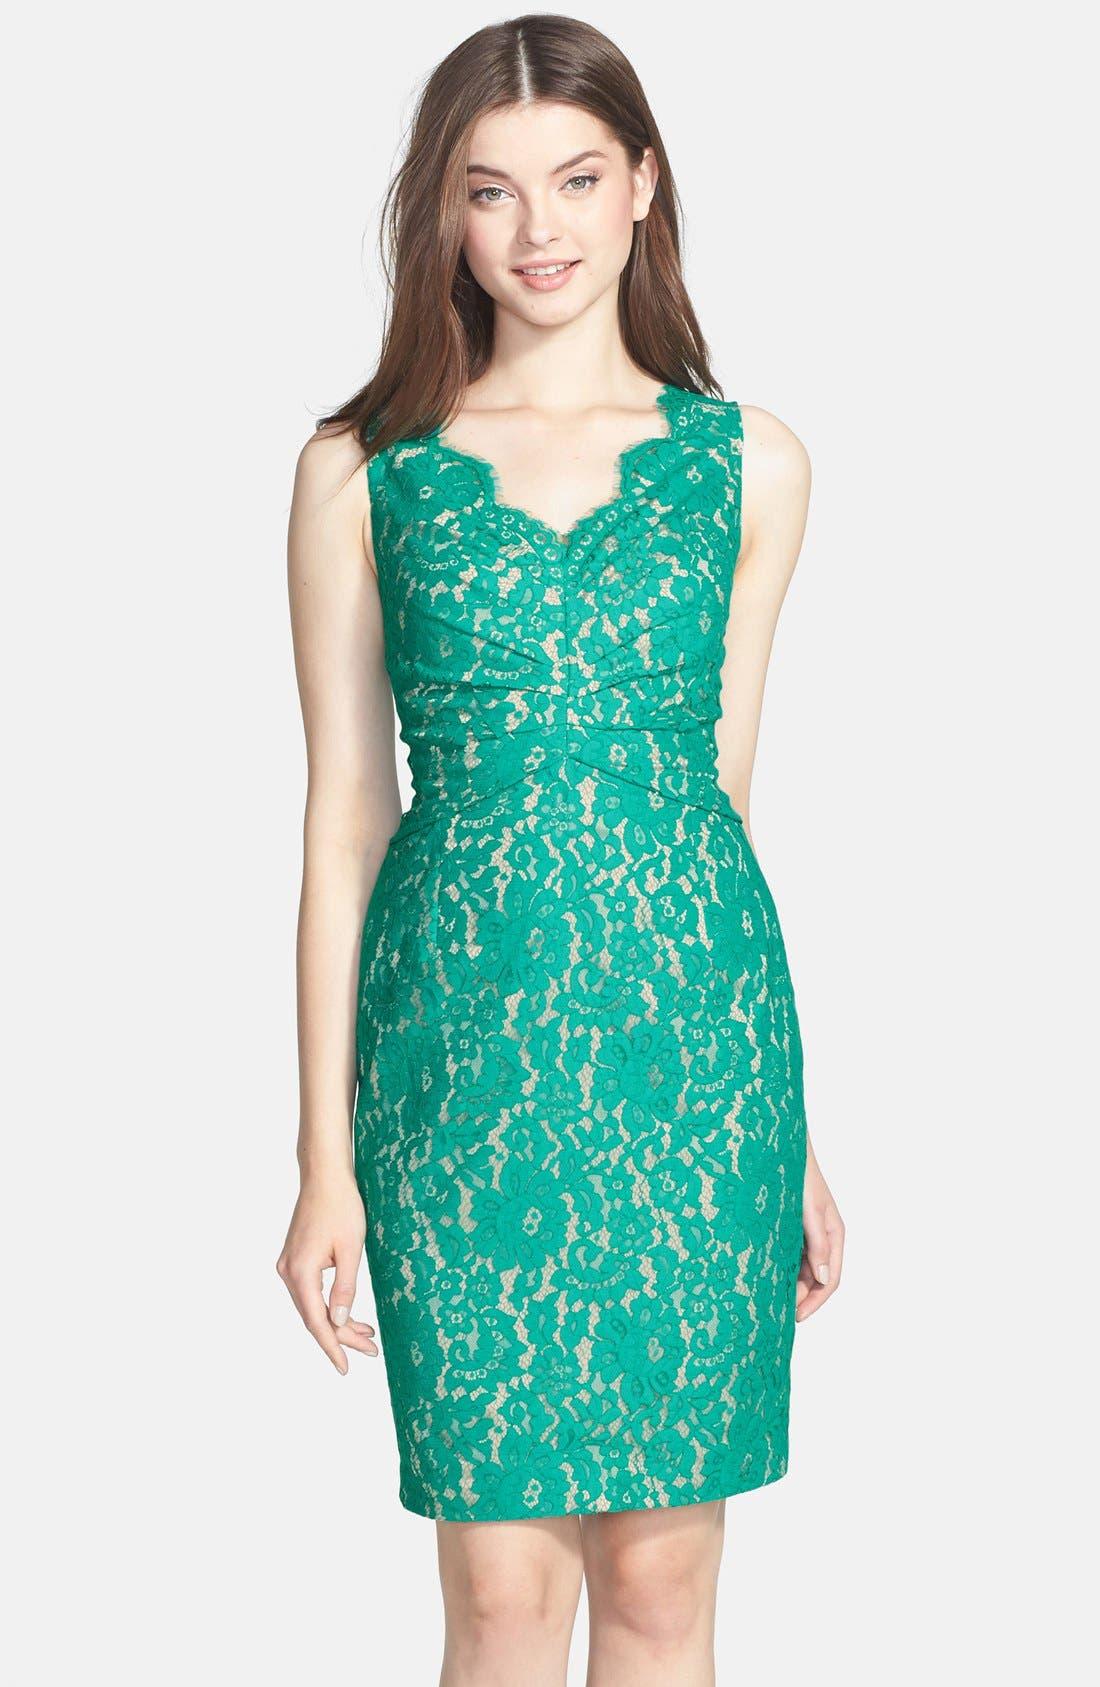 Alternate Image 1 Selected - Eliza J Sleeveless Lace Dress